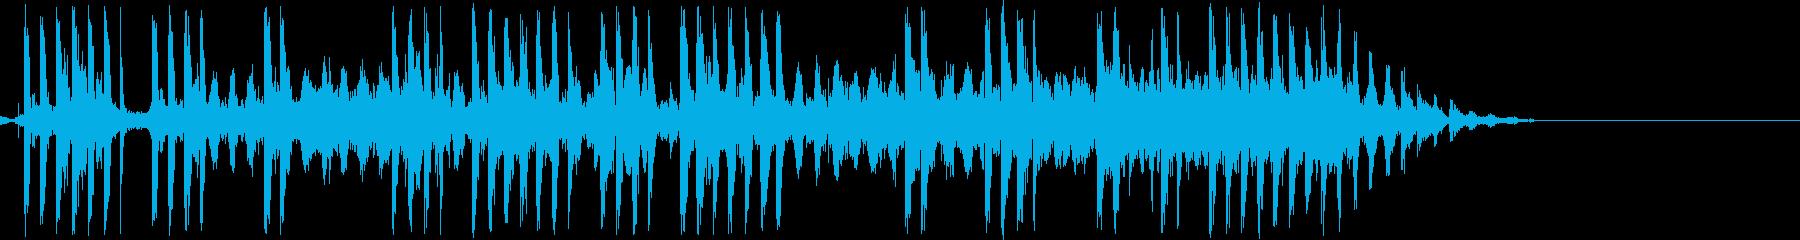 電気ショック/感電(ビリビリ/ビビビの再生済みの波形